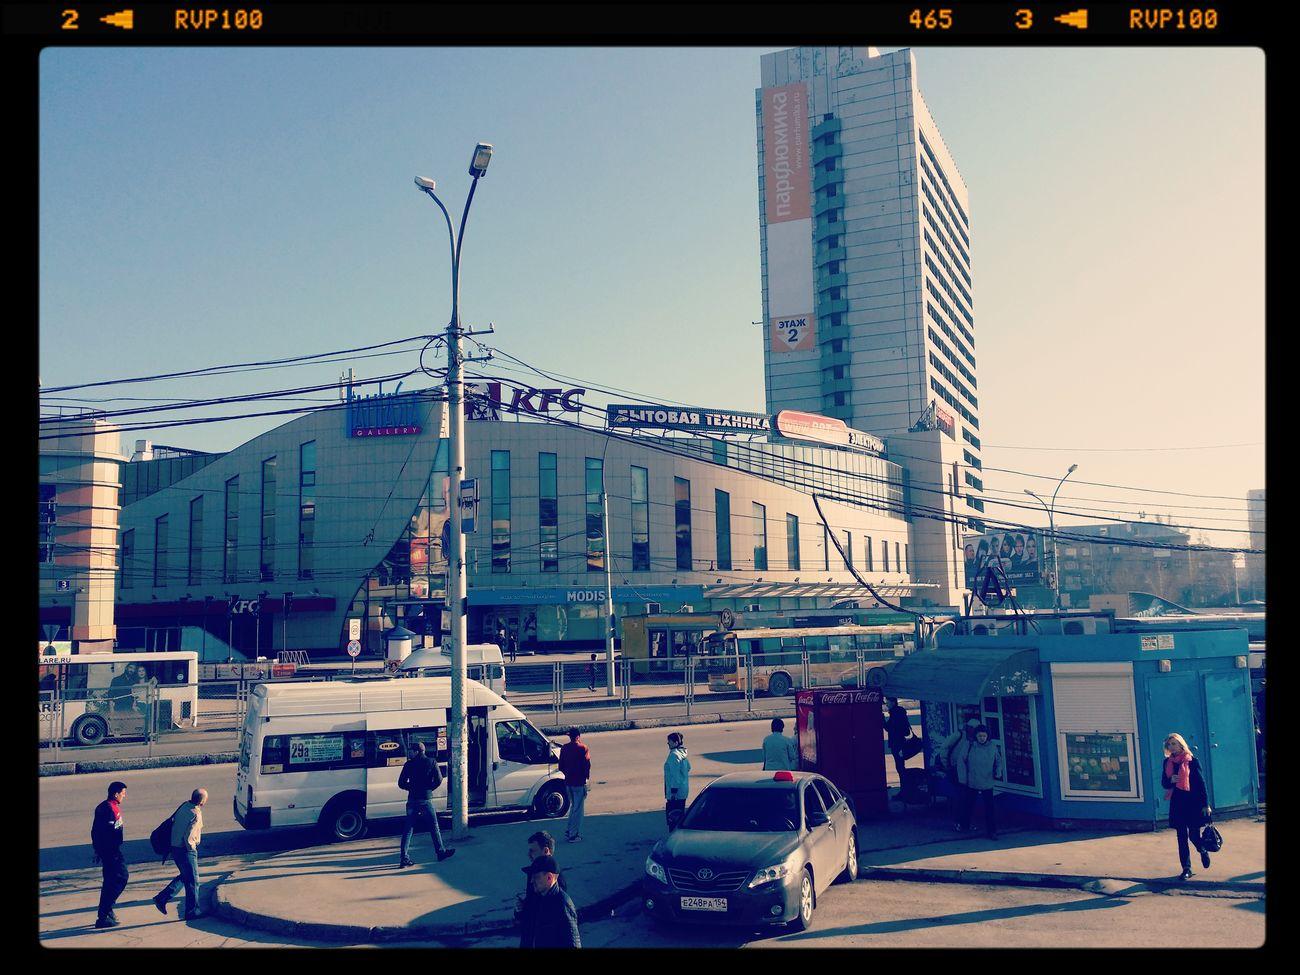 Новосибирск. Утро Siberia Новосибирск Novosibirsk сибирь Novosibirsk City Streetphotography Street Photography улица утро